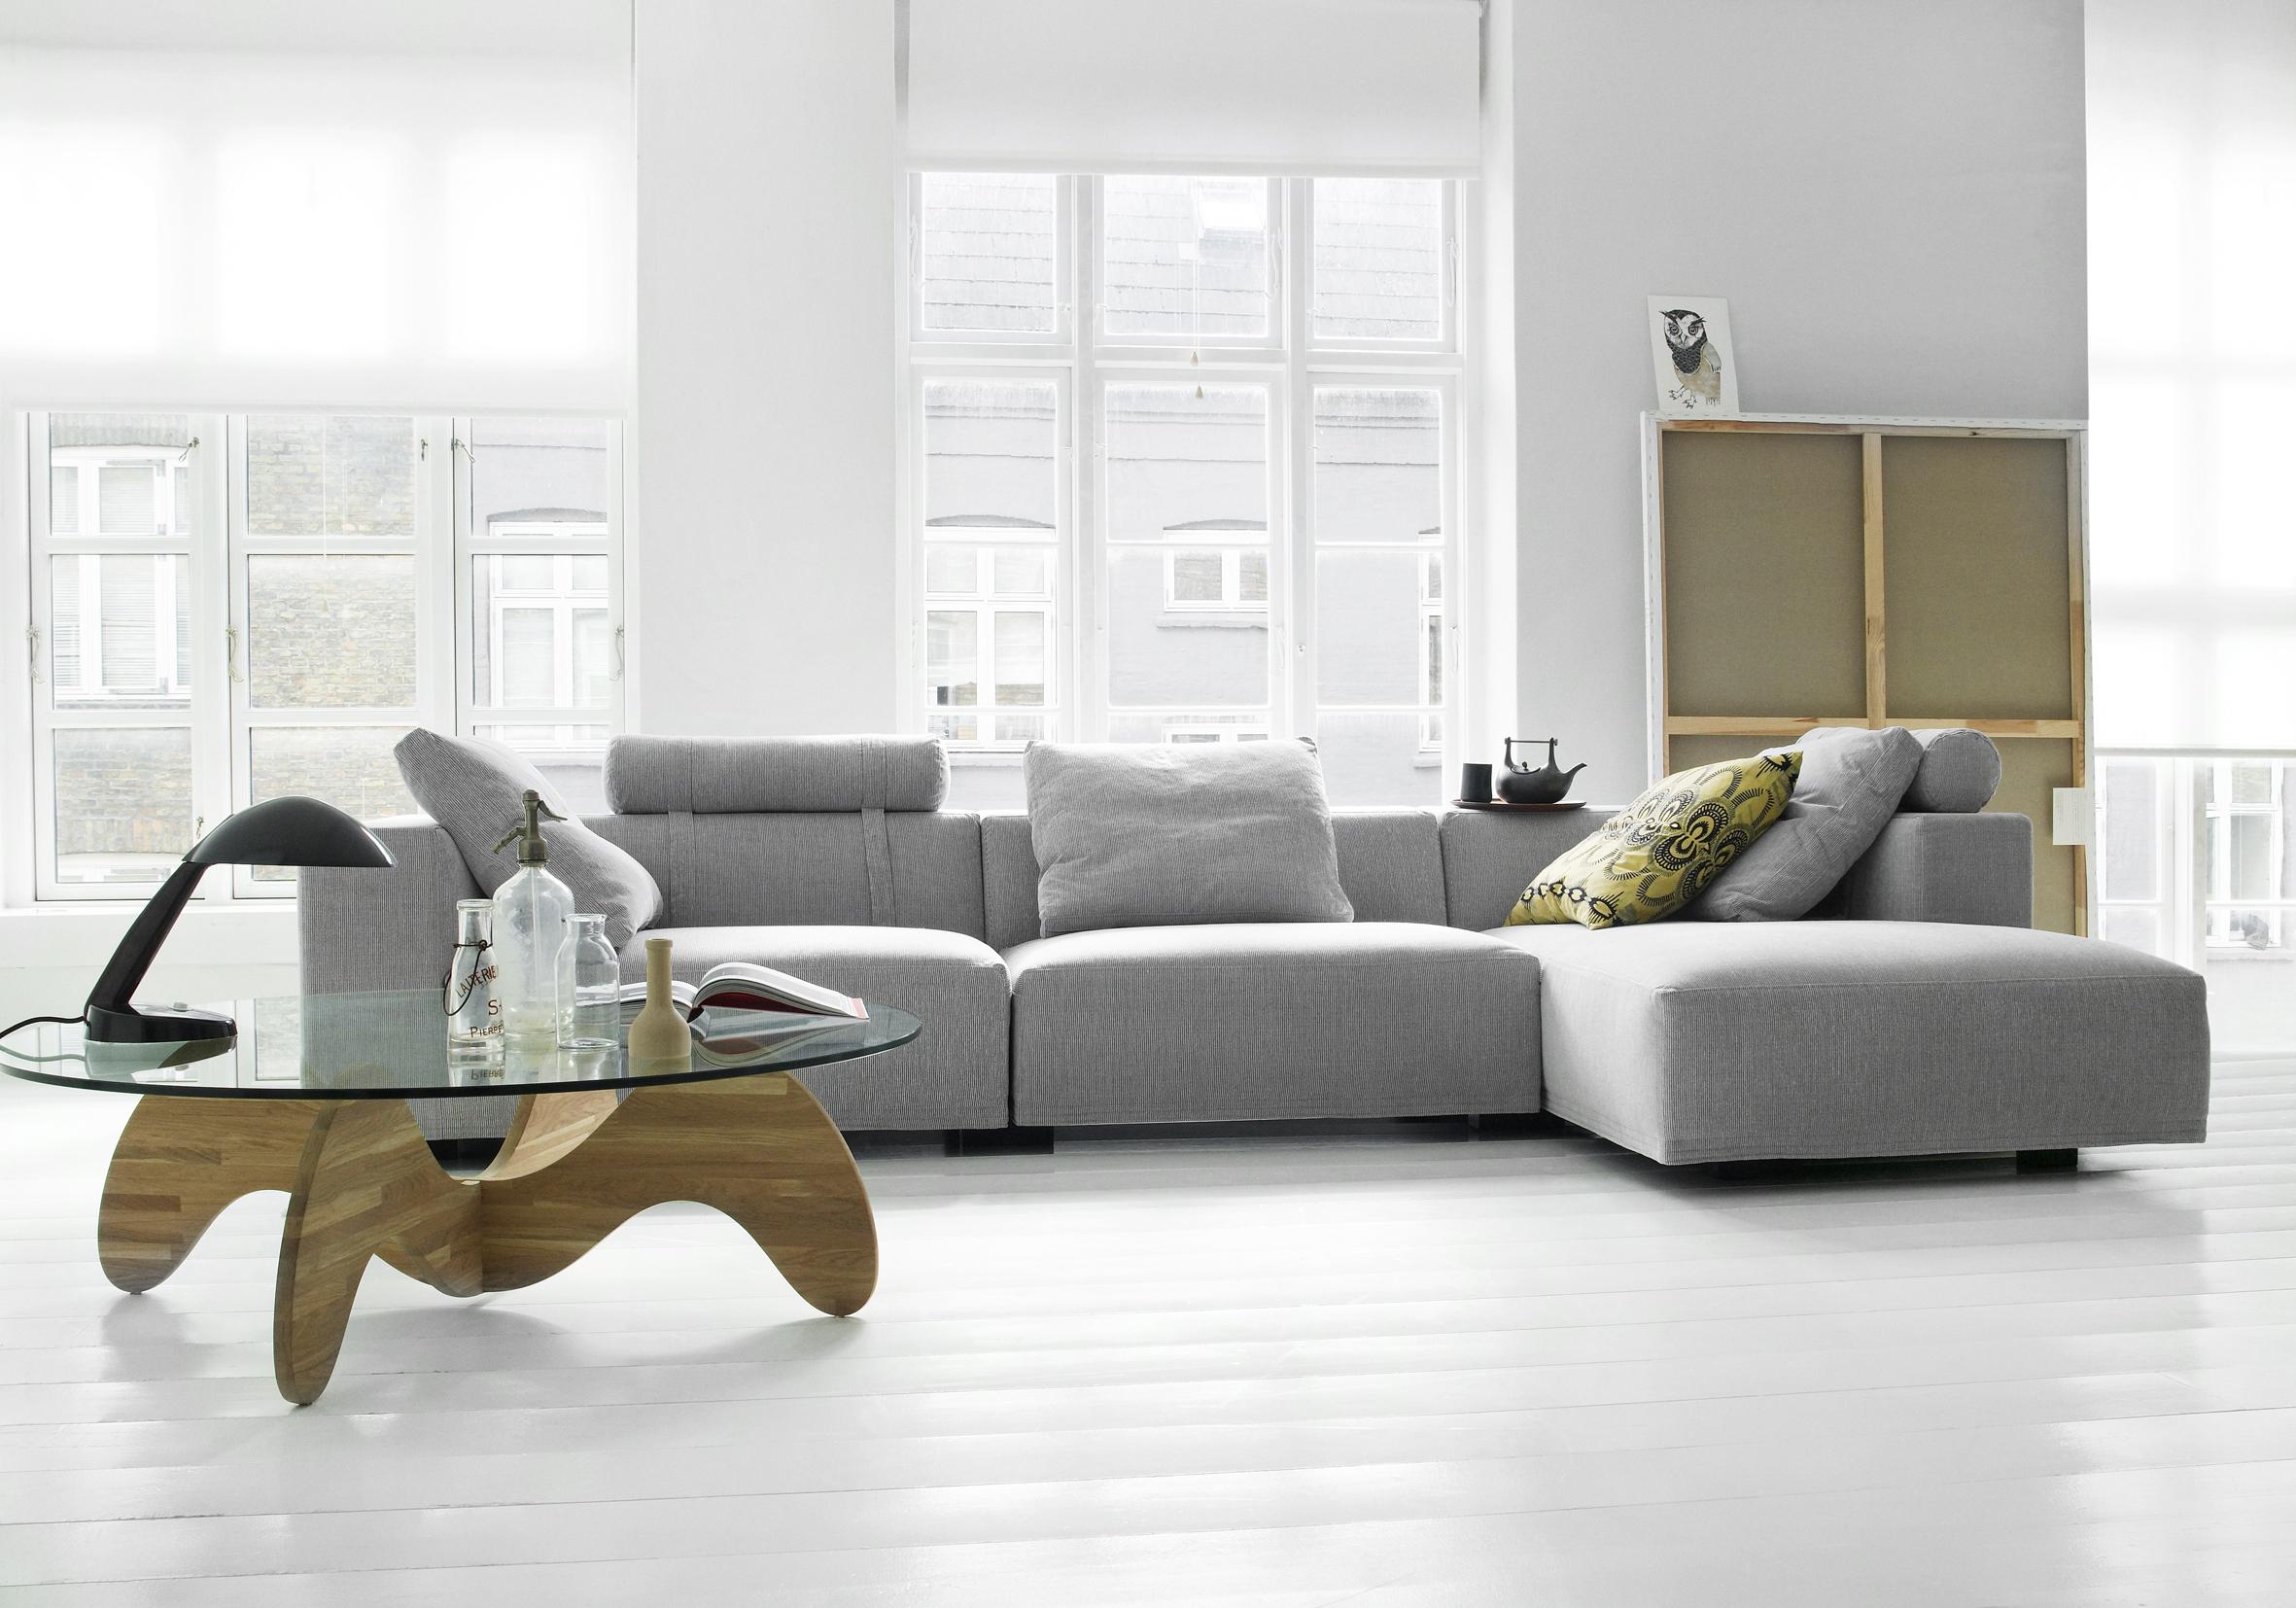 Baseline modular sofa